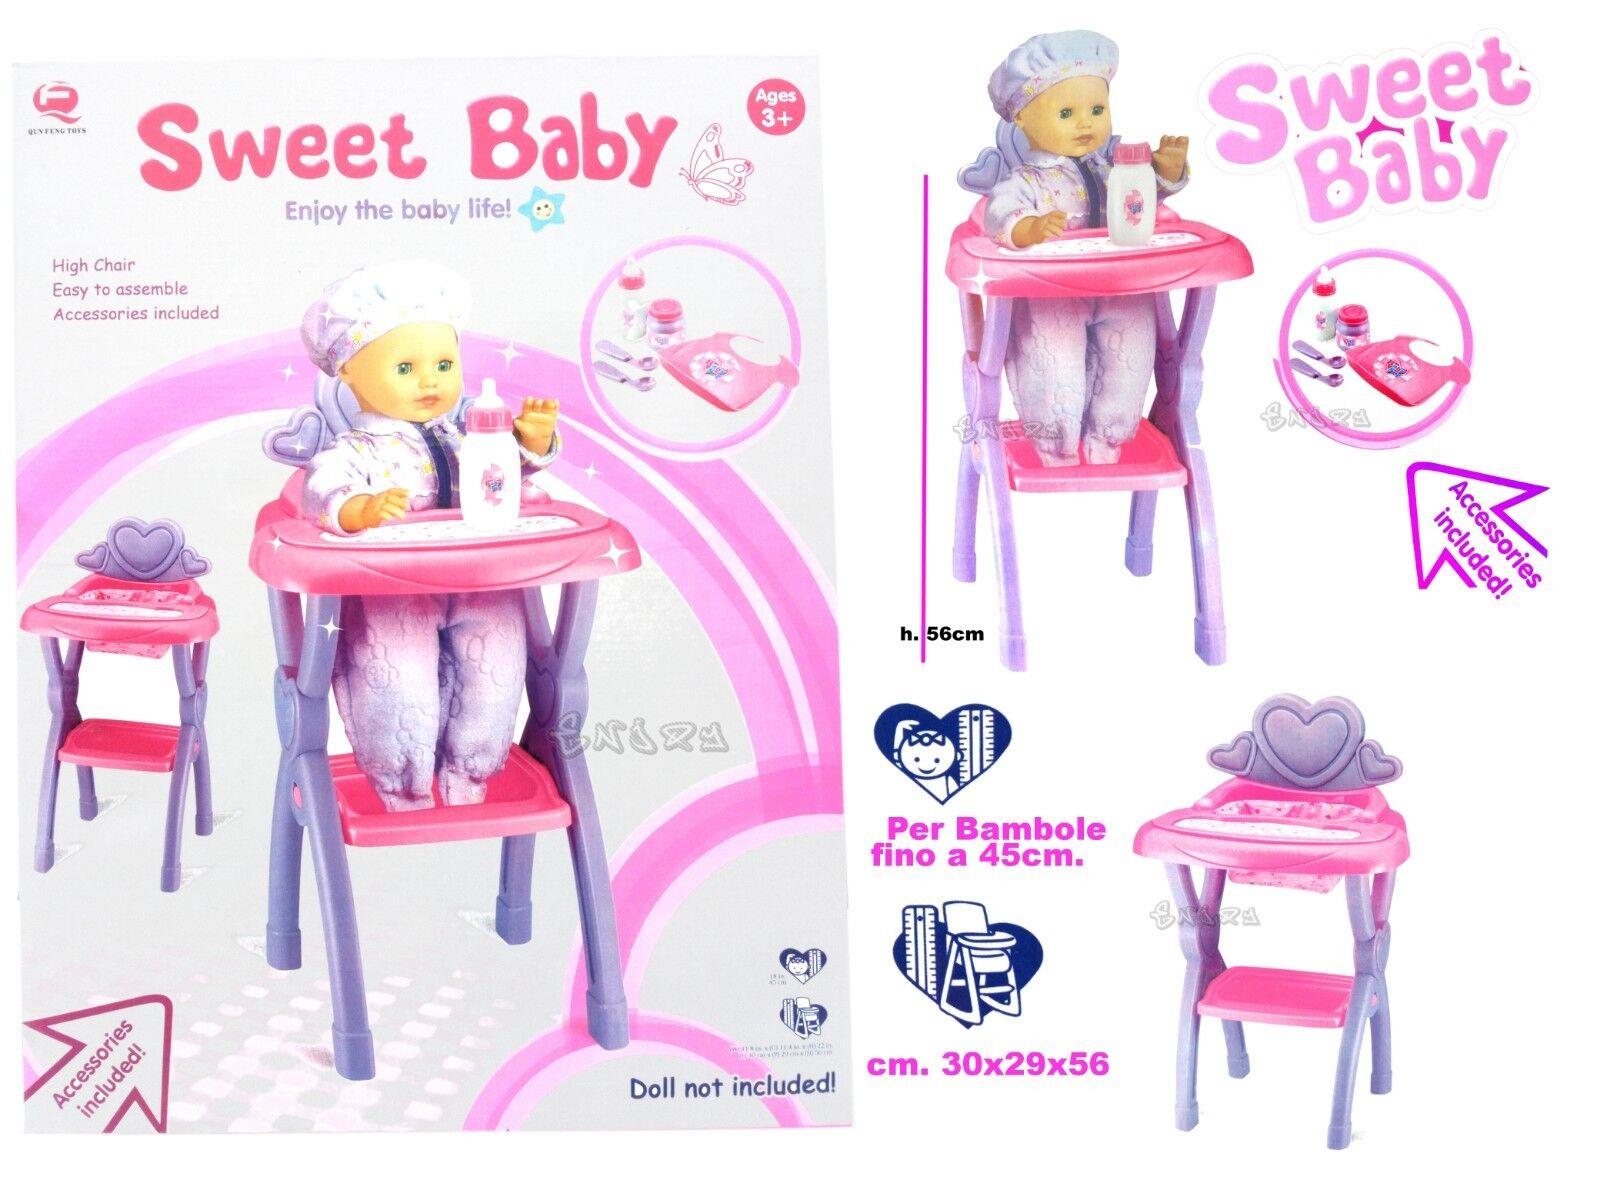 Hochstuhl für Puppen Essen-kit Baby-Puppen groß Spiel kind 2185583